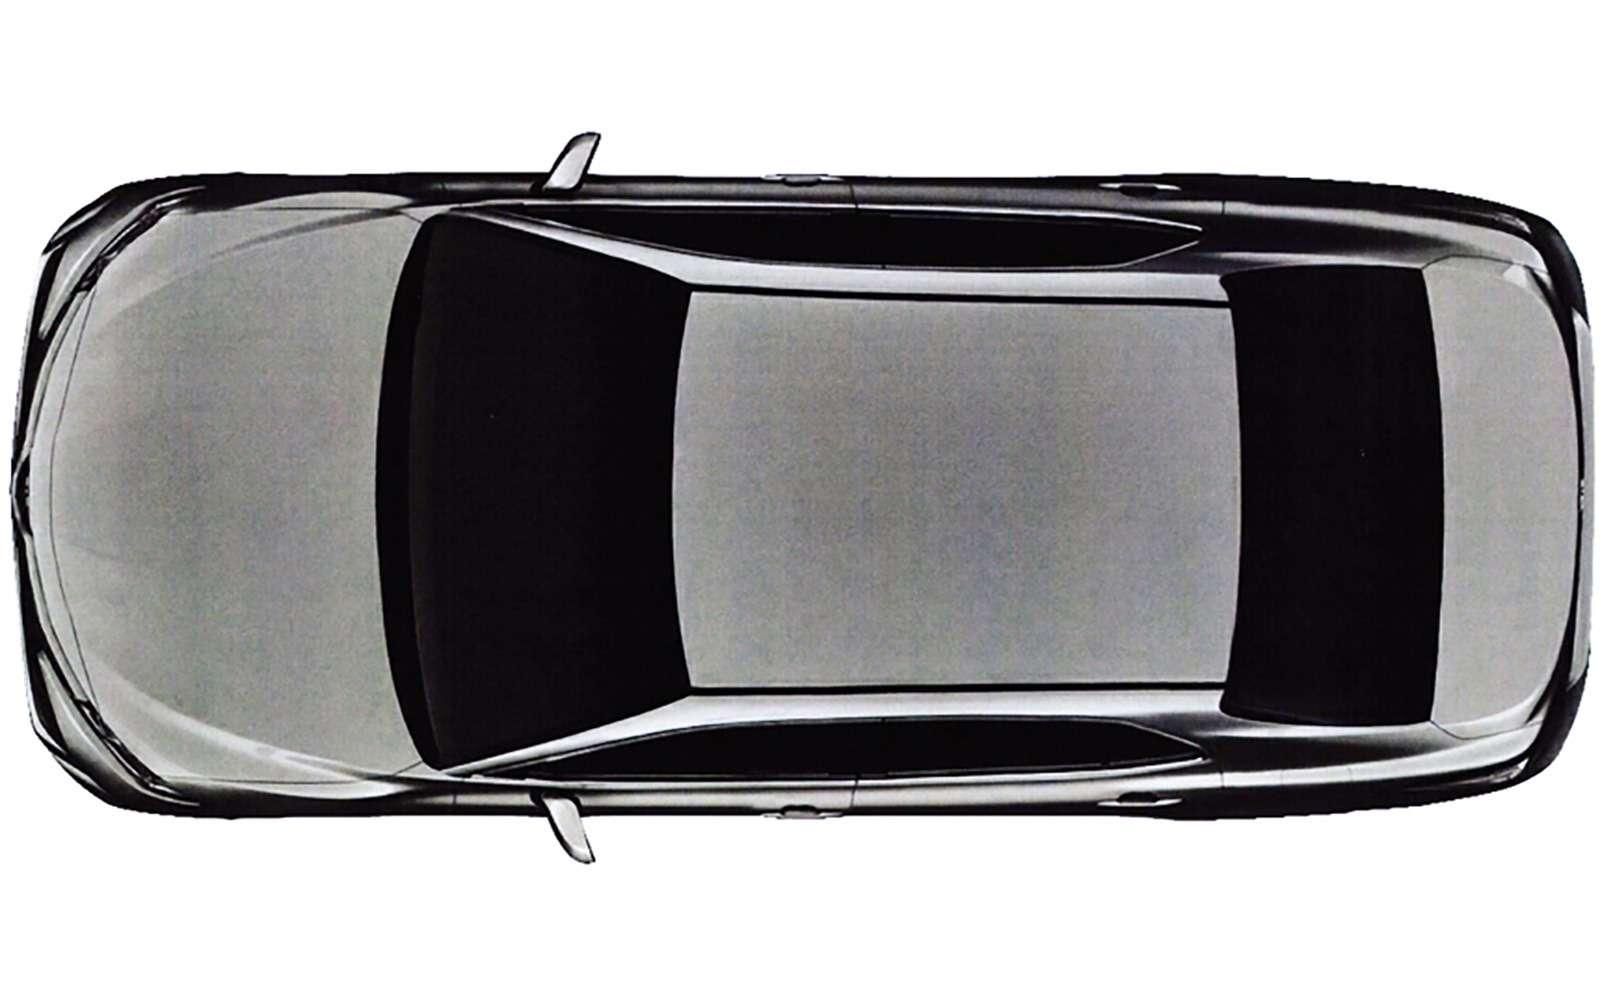 Новая Toyota Camry дляРоссии: первые подробности— фото 819232